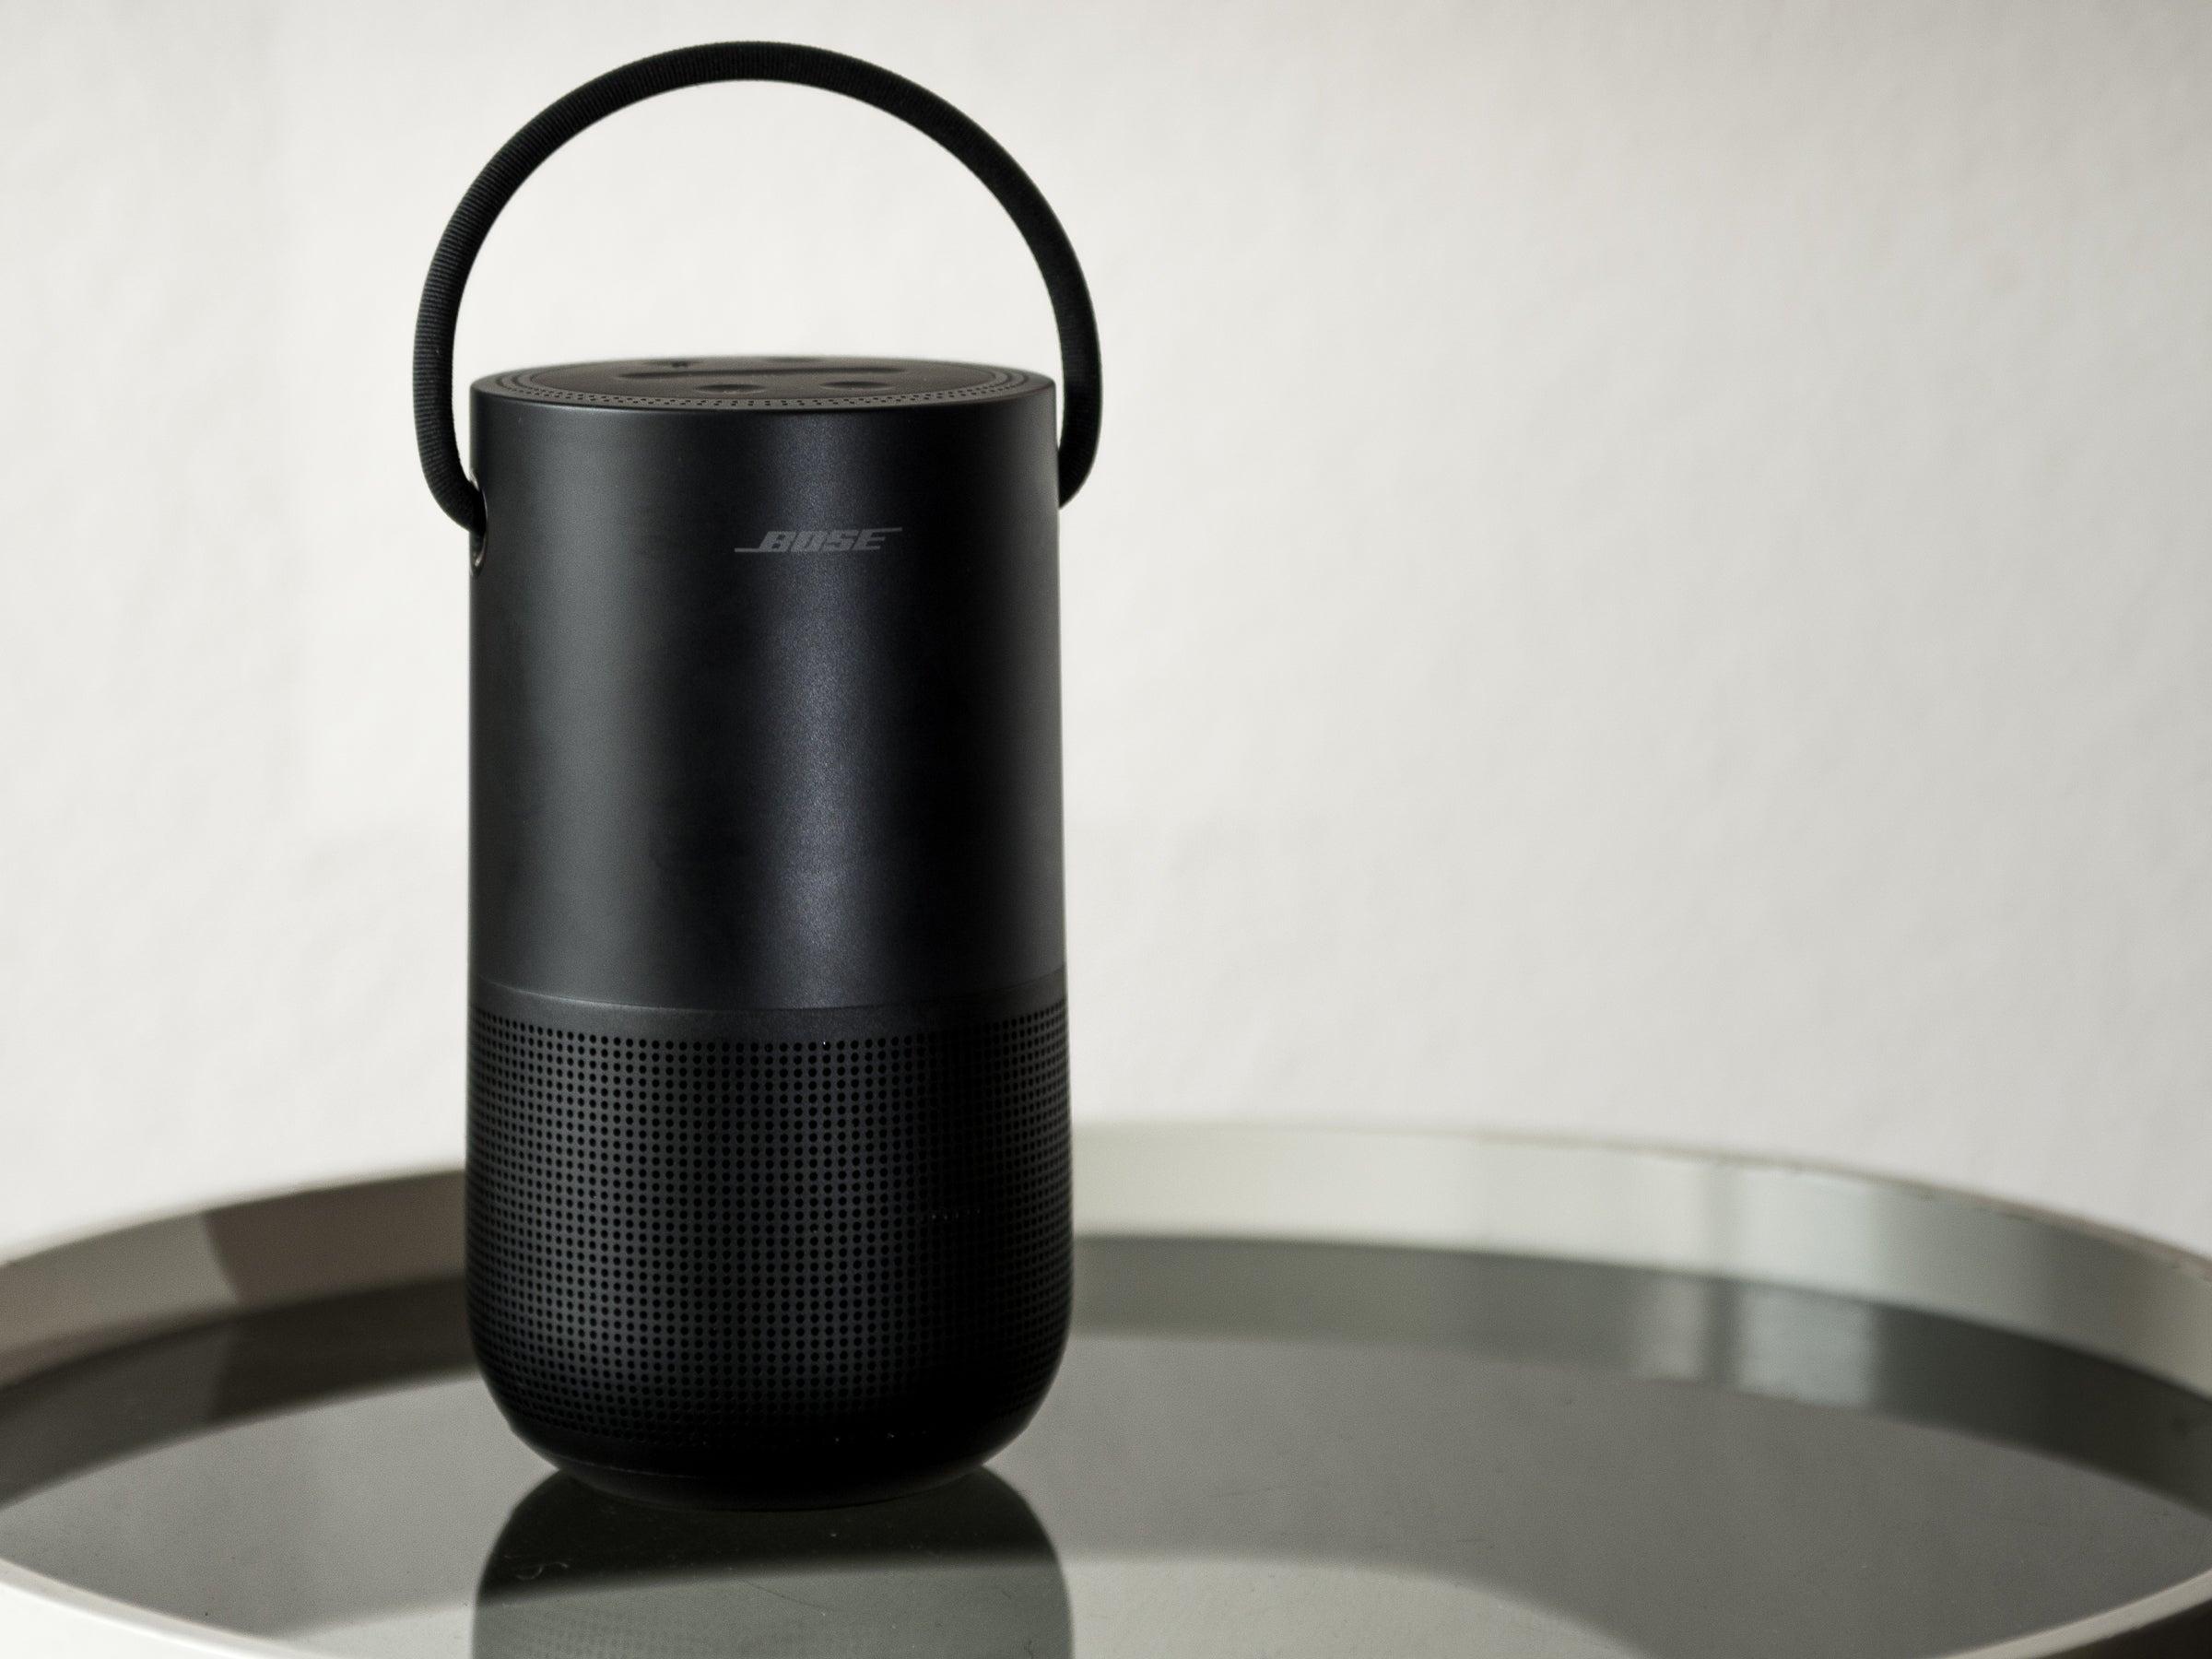 Bose-Portable-Smart-Speaker-im-Test-360-Klang-der-Extraklasse-aber-